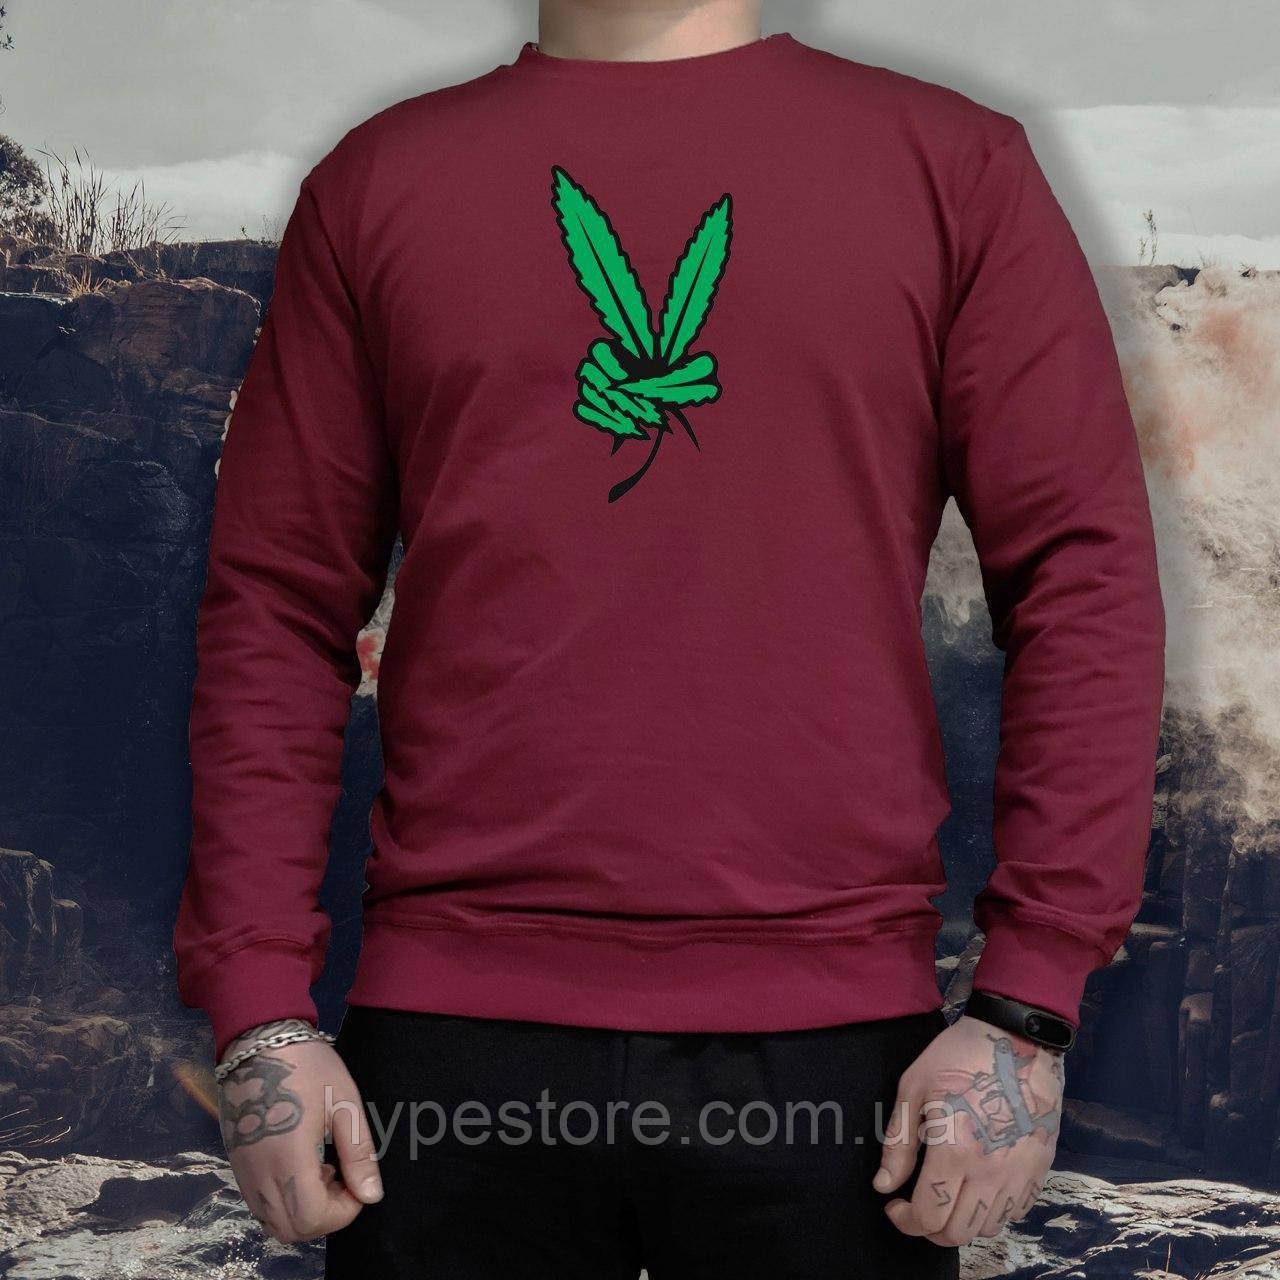 Мужской спортивный бордовый свитшот, кофта, толстовка, реглан Weed, конопля, марихуана